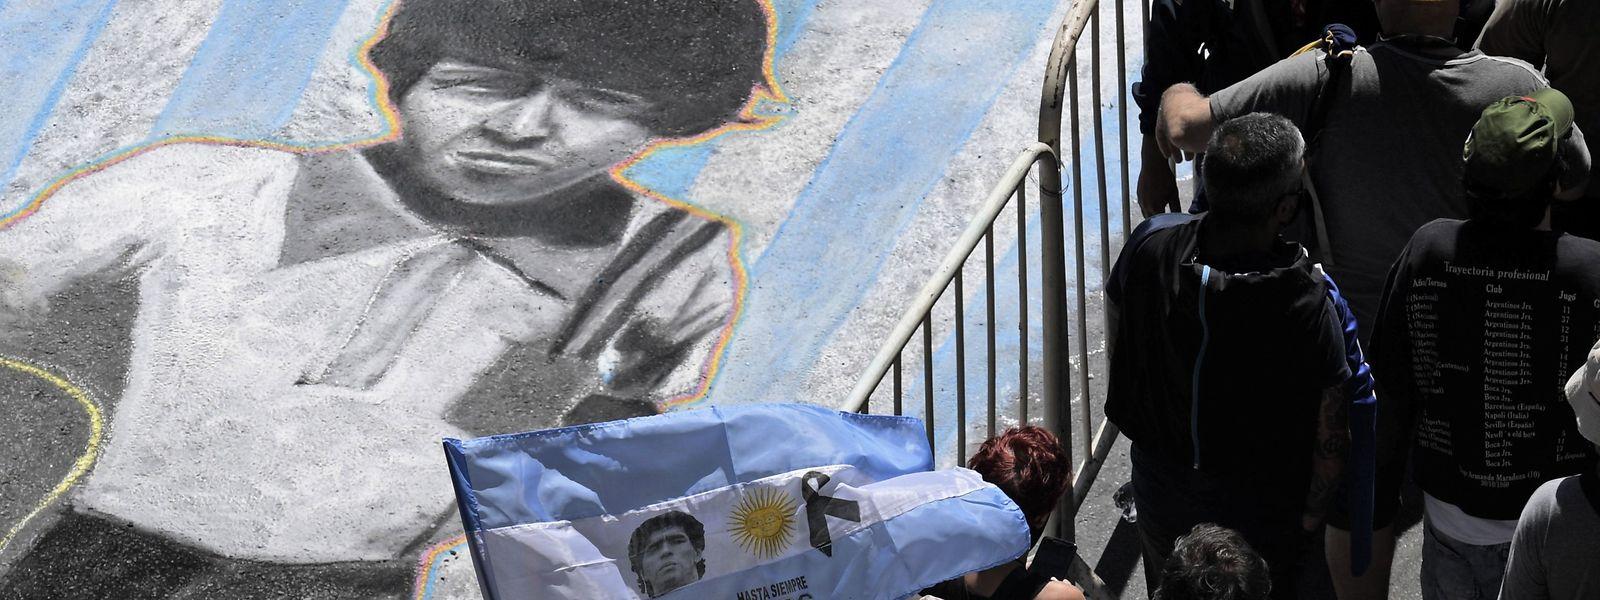 Menschen stehen Schlange, um im Präsidentenpalast von Buenos Aires, der Casa Rosada, Abschied von Fußballlegende Diego Maradona zu nehmen.